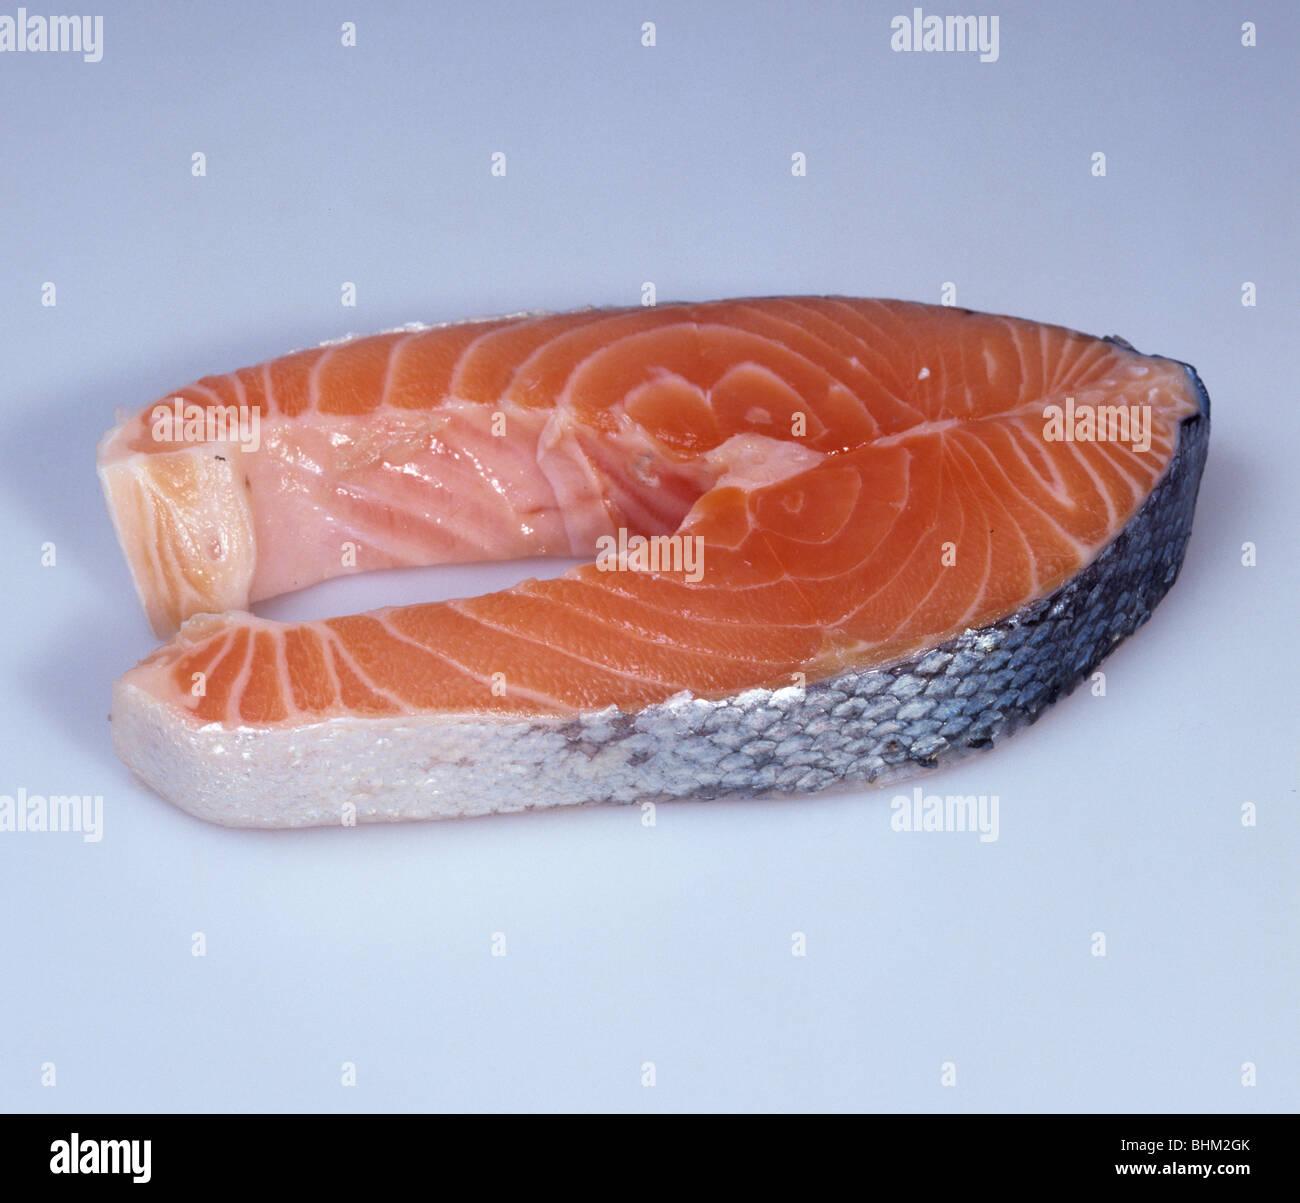 Un salmone affumicato bistecche, pesce oleoso e una fonte di vitamina D e sodio Immagini Stock